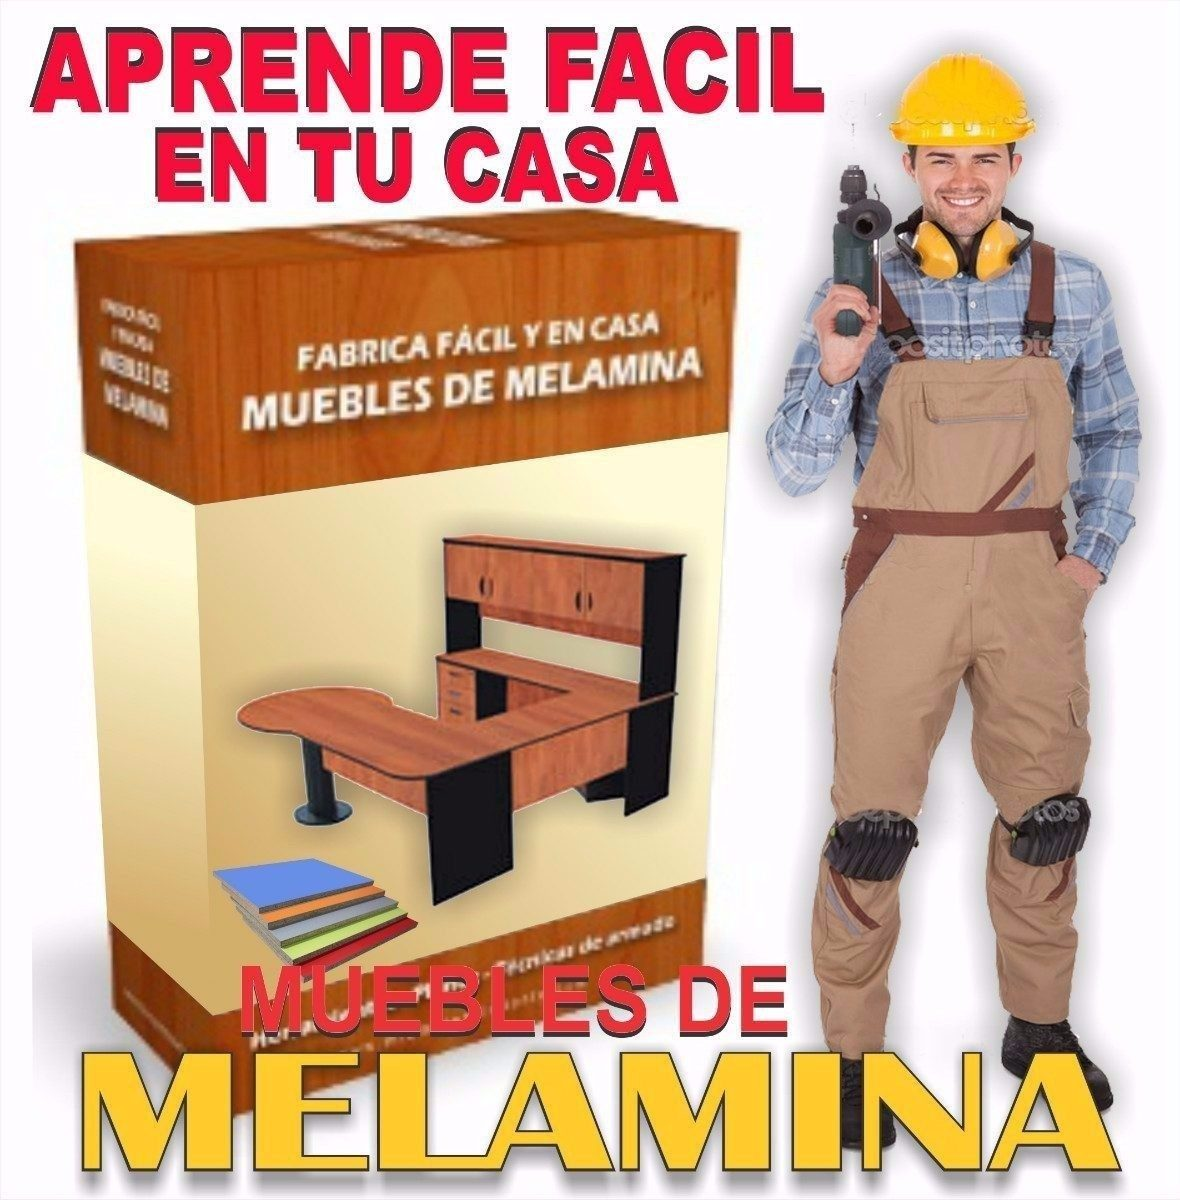 Muebles melamina planos optimizador iniciatu propio for Melamina pdf